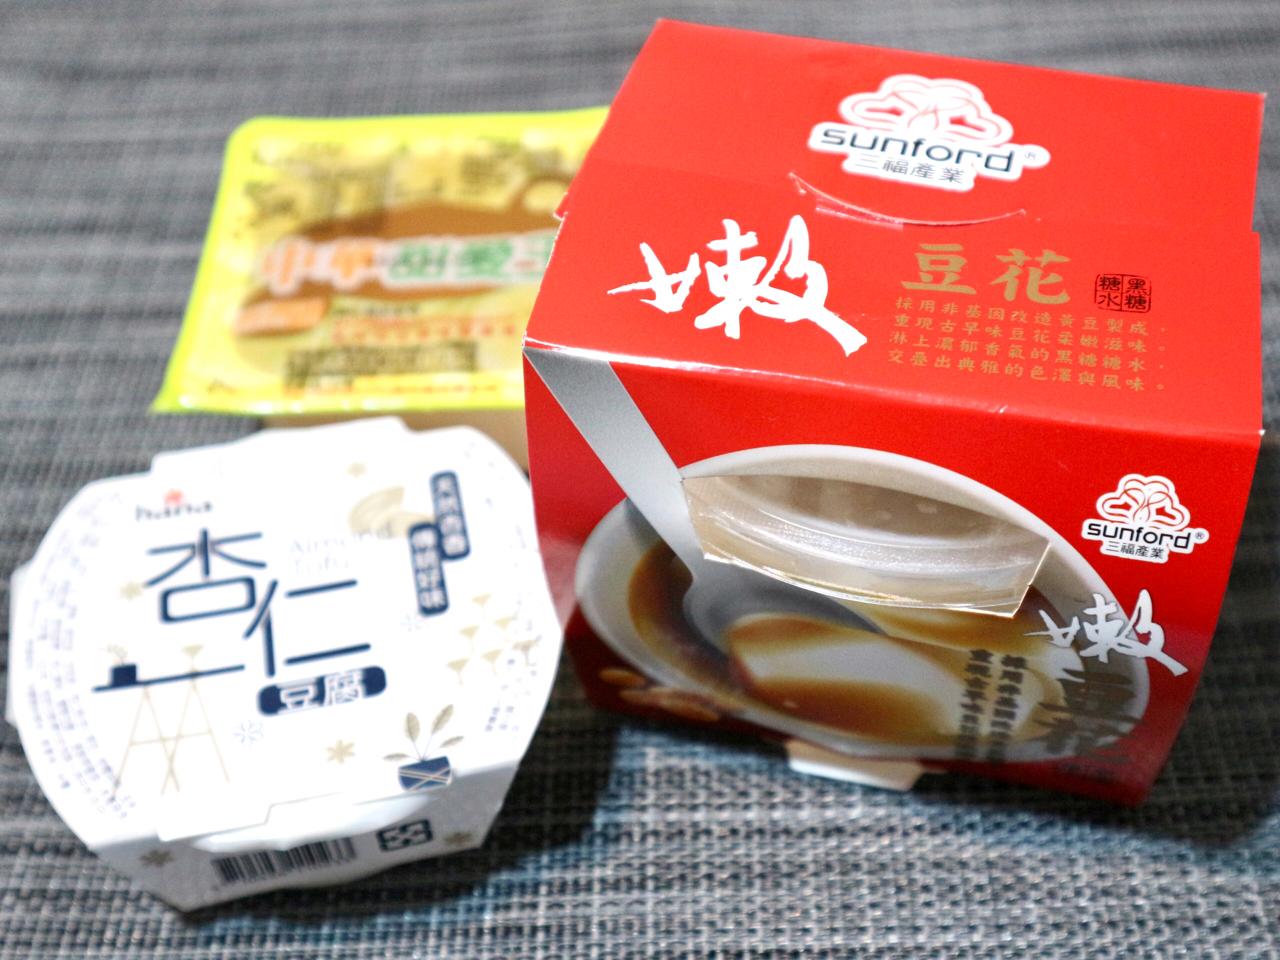 【台湾】コンビニで定番の台湾スイーツ、「豆花」「杏仁豆腐」「愛玉檸檬ゼリー」3種類を食べ比べ! 画像2